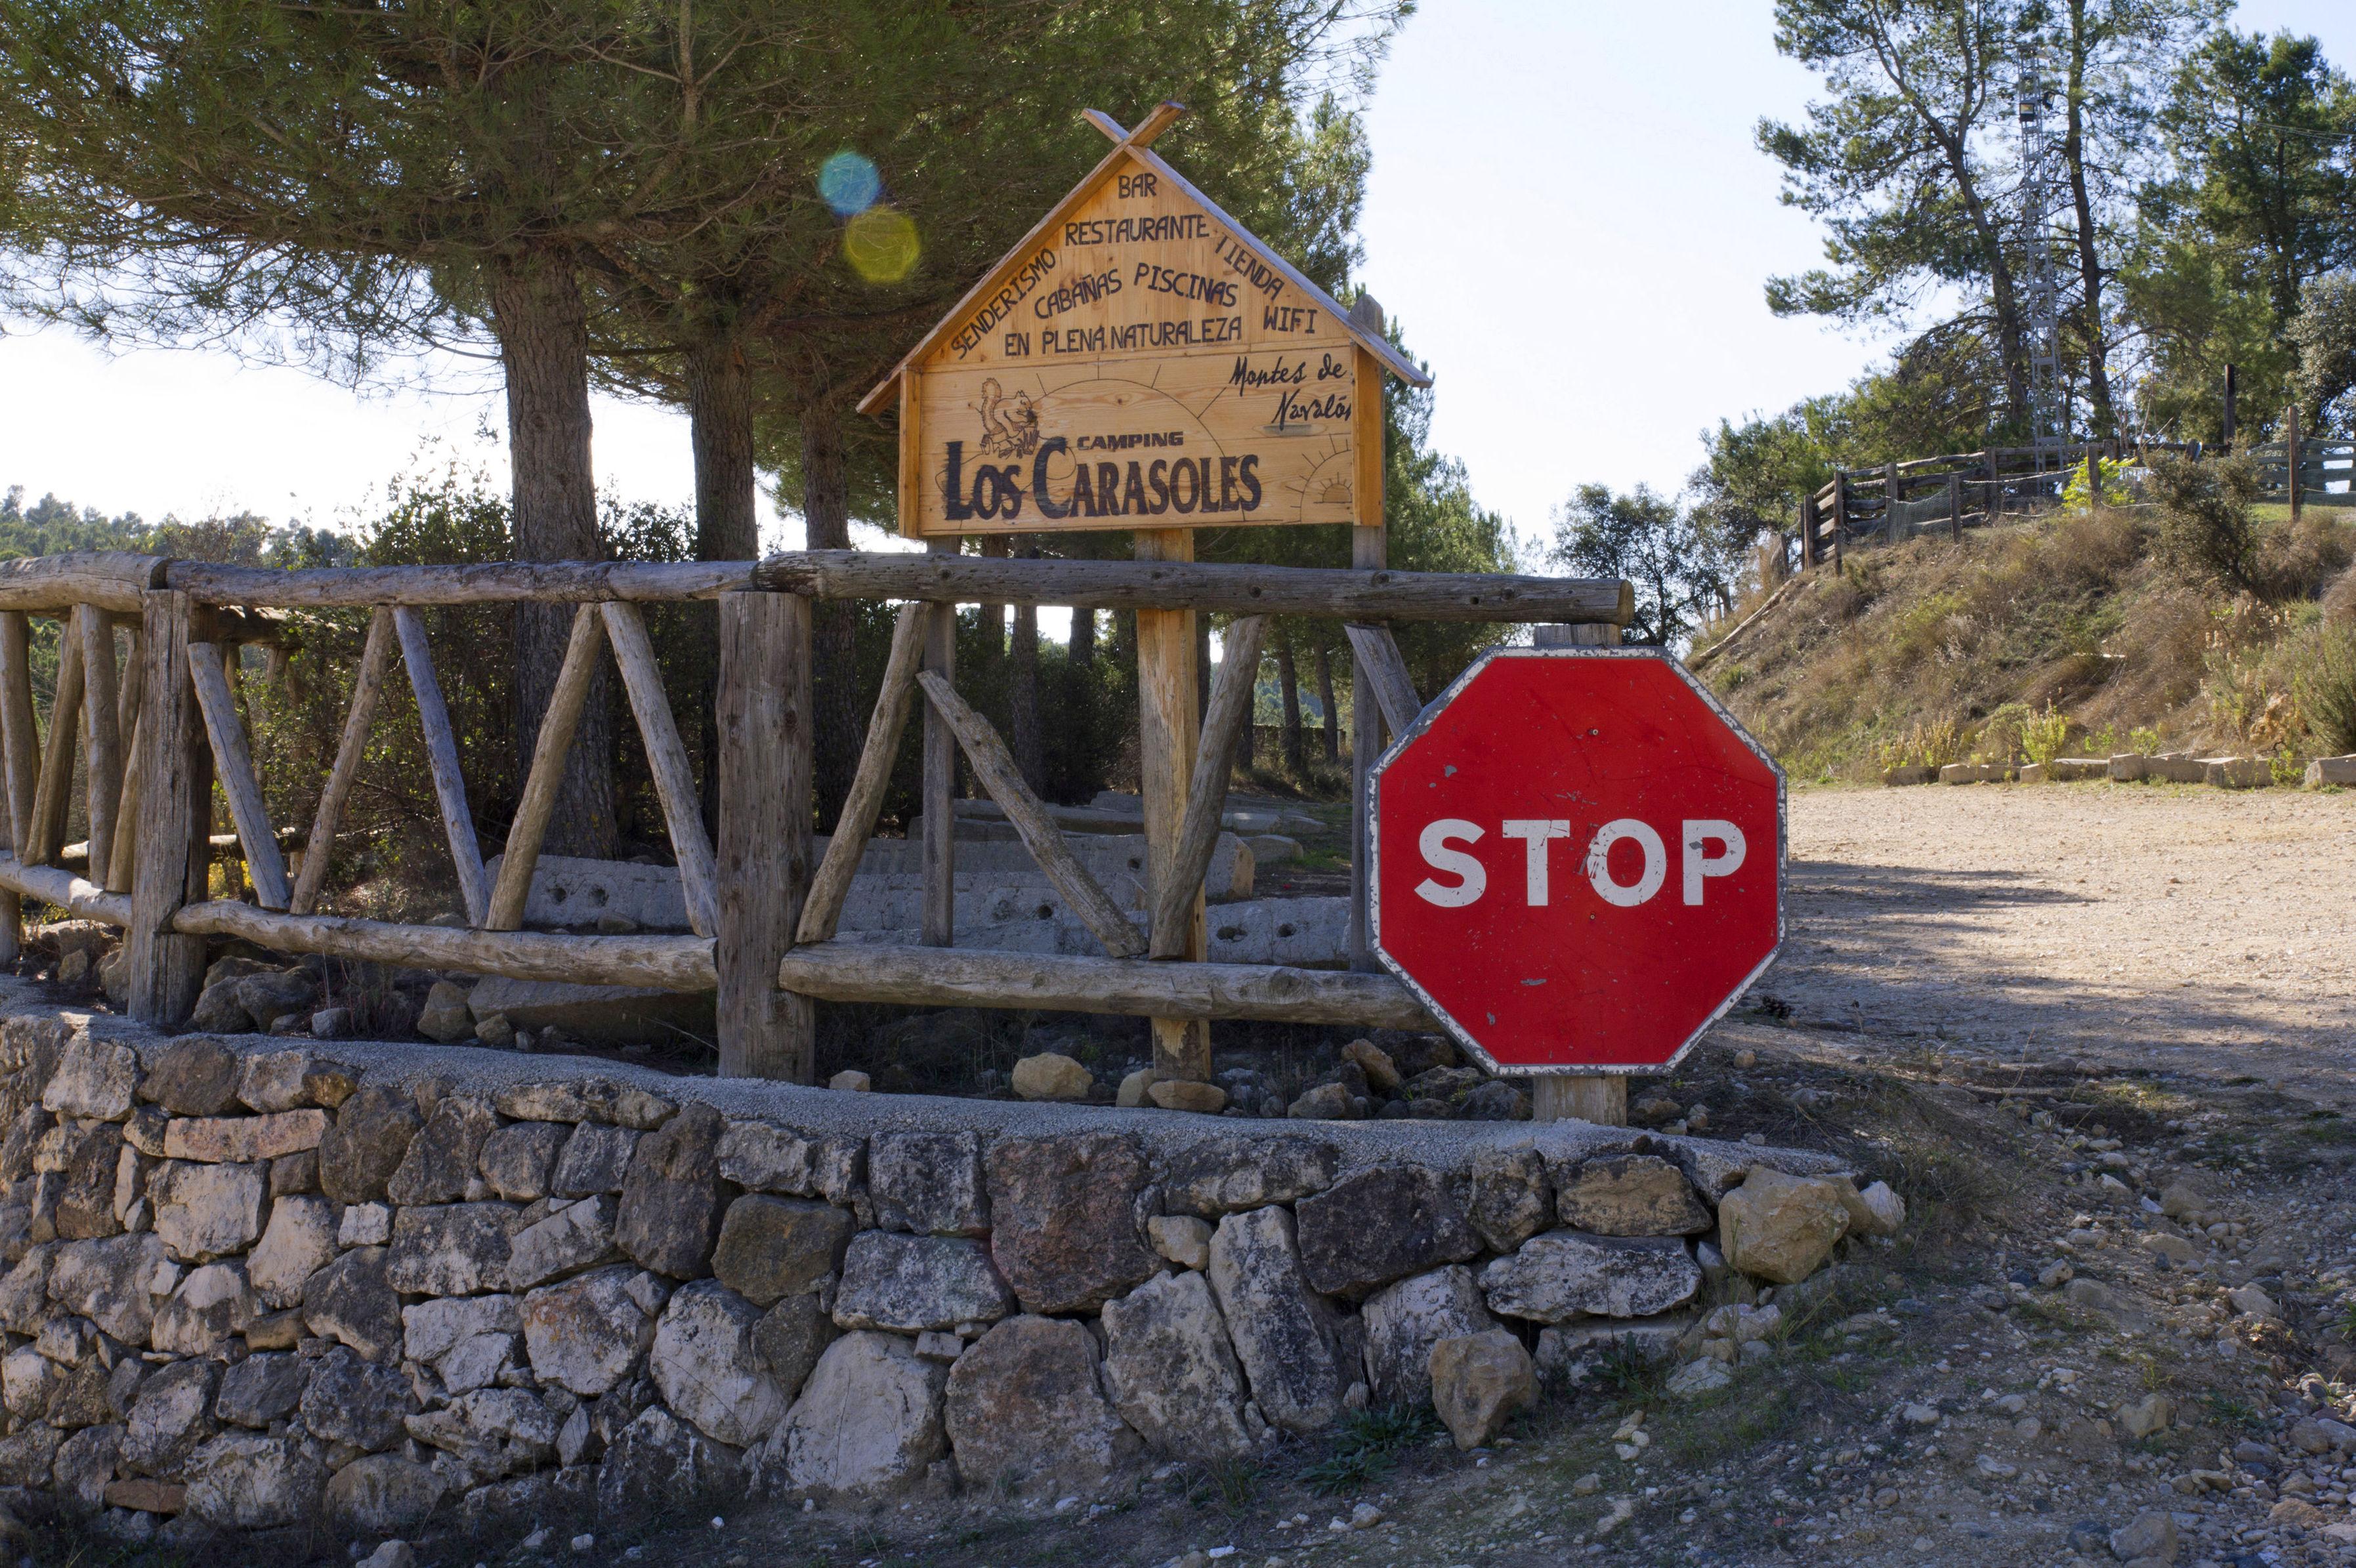 Camping Los Carasoles en la Sierra de Enguera, Navalón, Enguera, Valencia